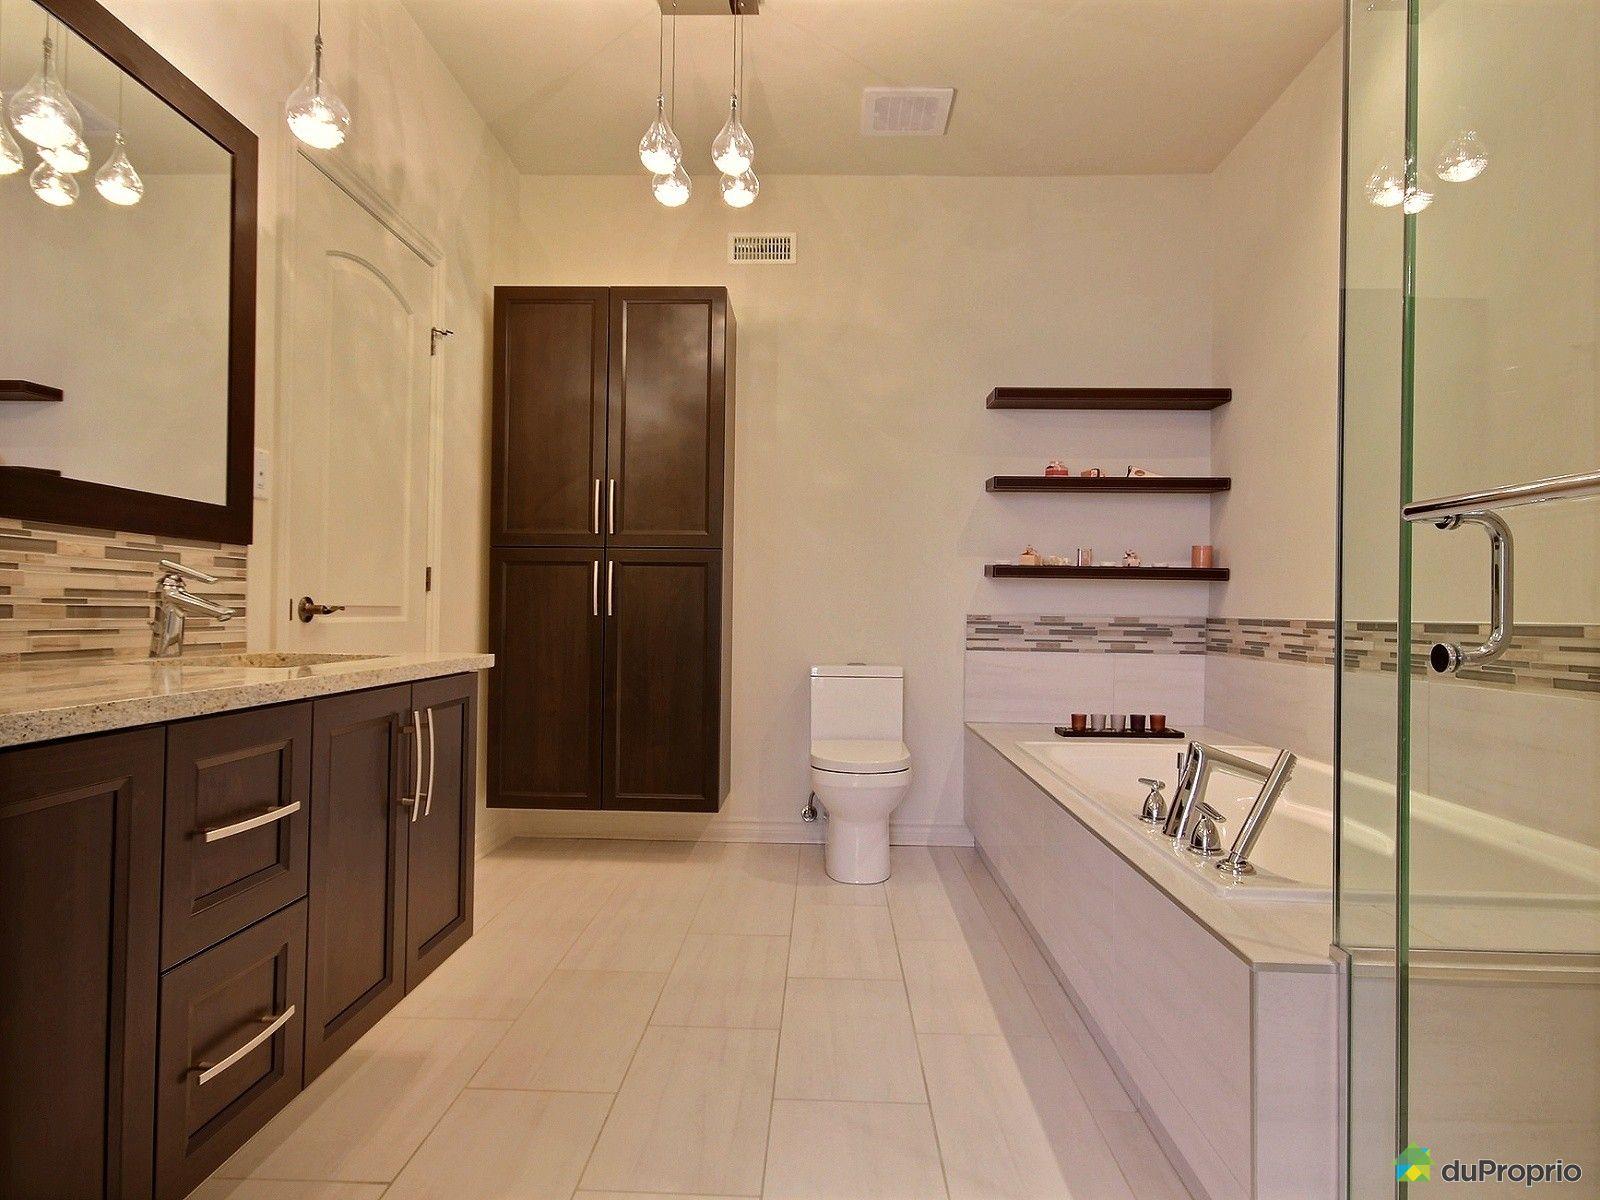 Maison vendre montr al 2211 rue des h misph res for Reno salle de bain quebec